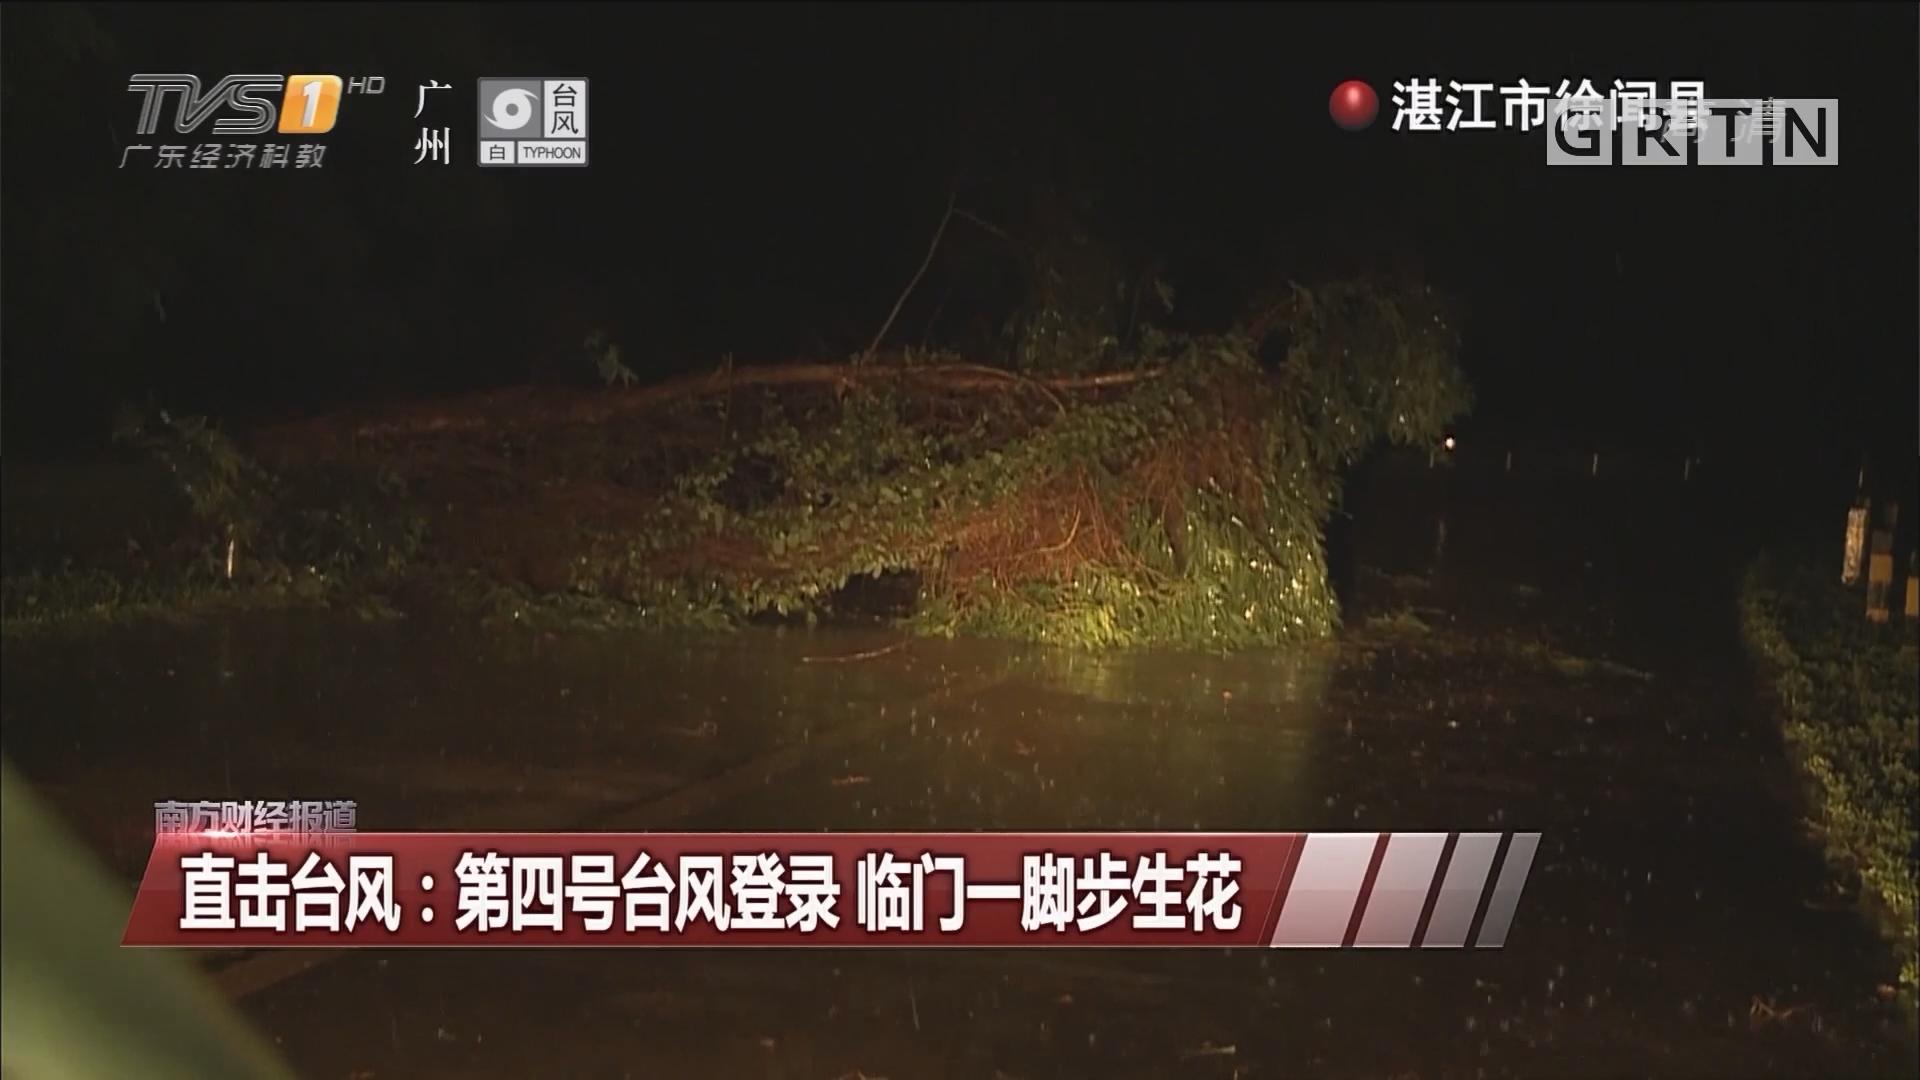 直击台风:第四号台风登录 临门一脚步生花